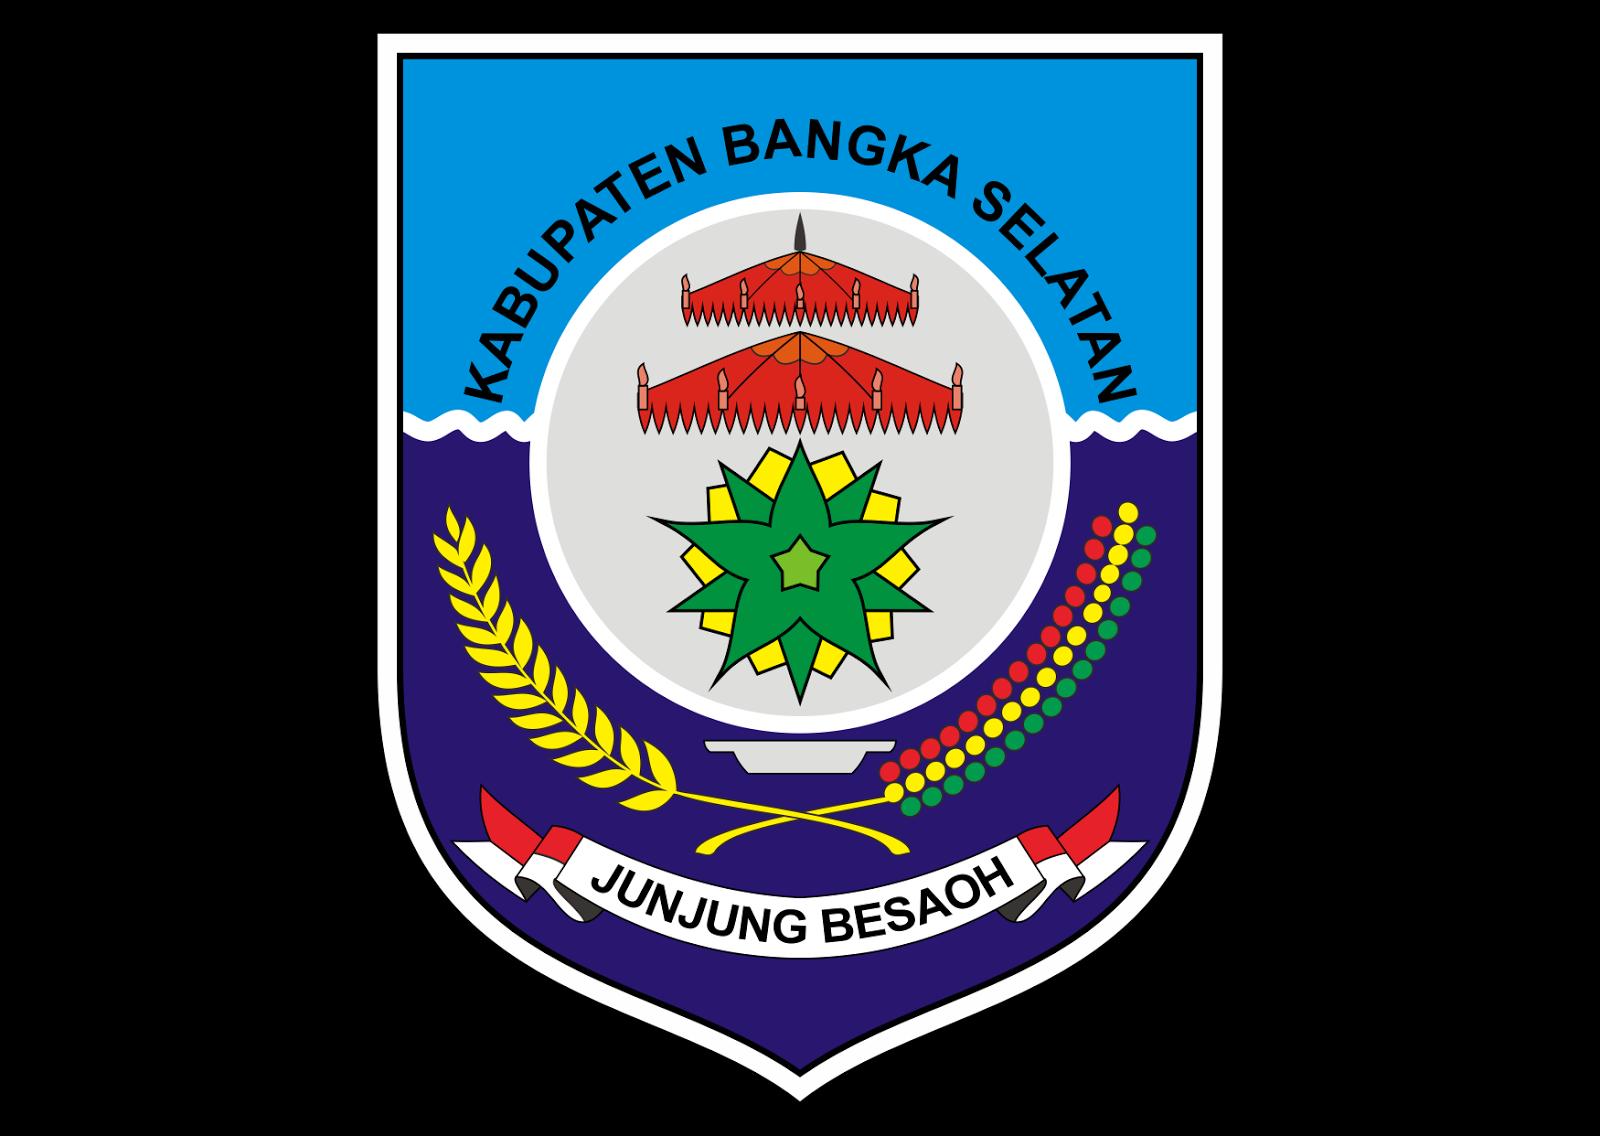 Logo Kabupaten Bangka Selatan Vektor Coreldraw Cdr Vectorzy Download Vektor Logo Corel Terlengkap Dan Jasa Desain Murah